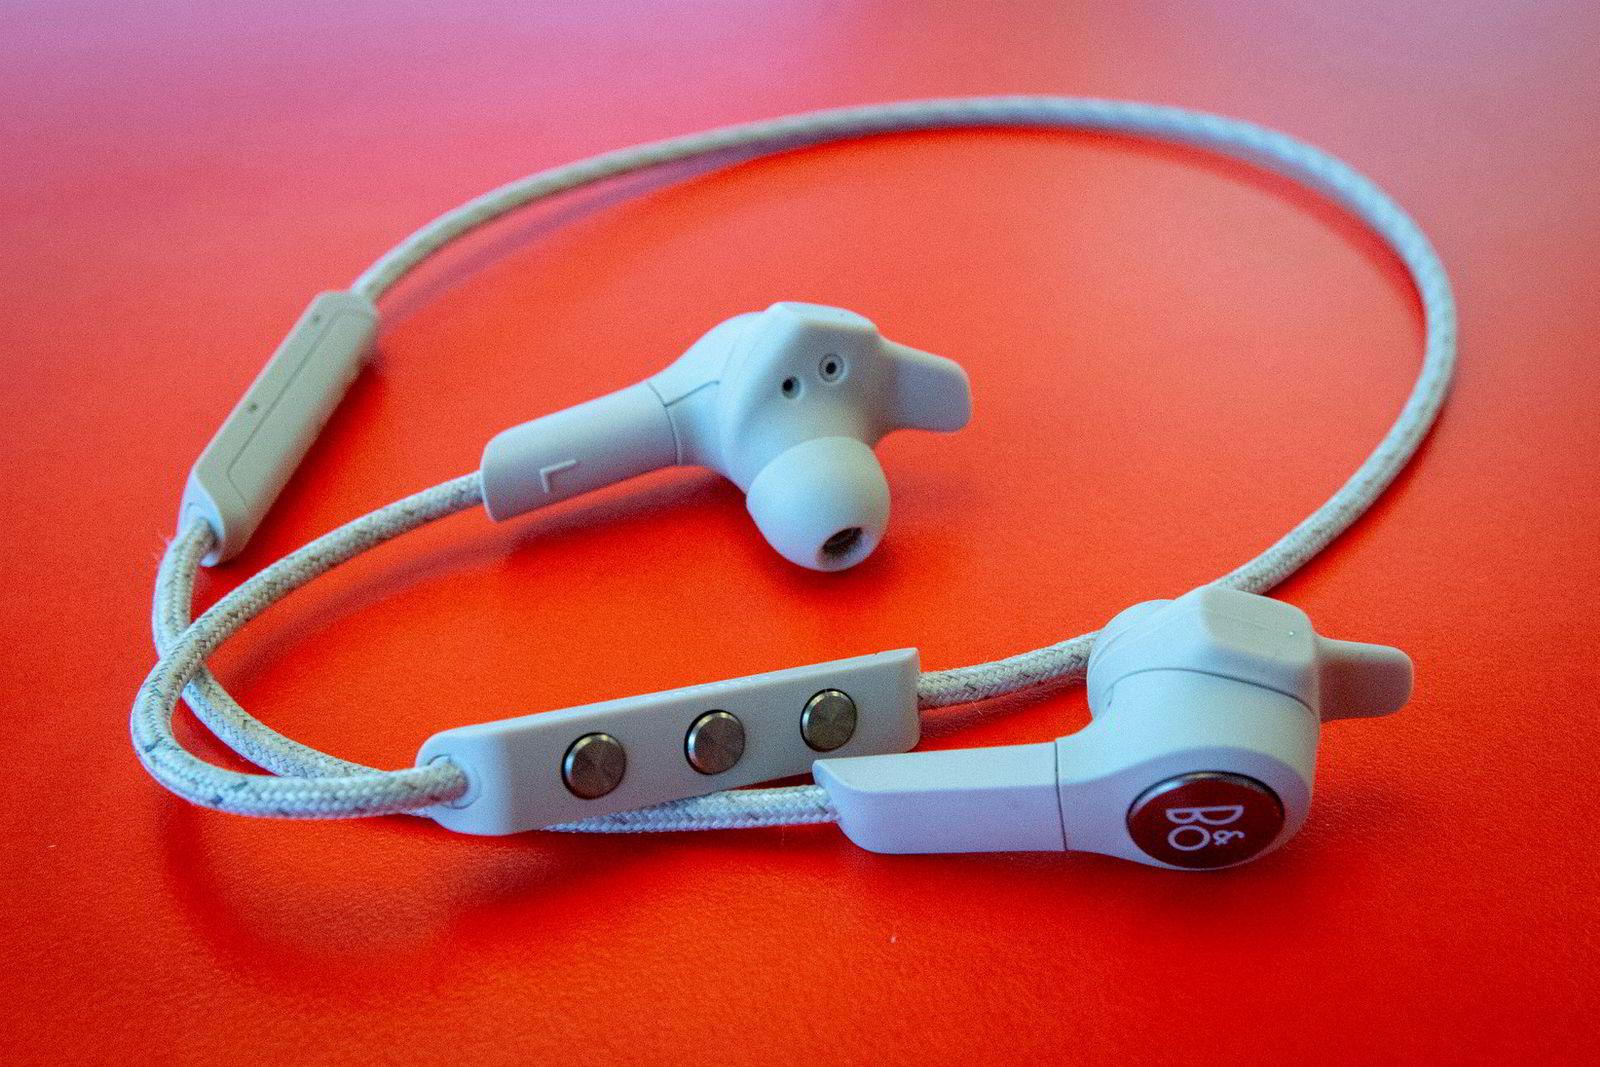 Fjernkontrollen og batteriet sitter på kabelen, men tynger ikke øreproppene nevneverdig.